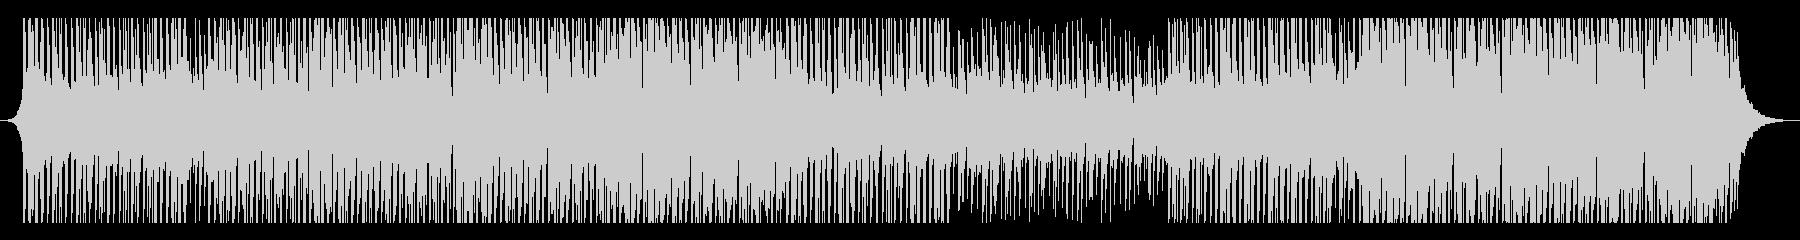 ハウスミュージックの未再生の波形